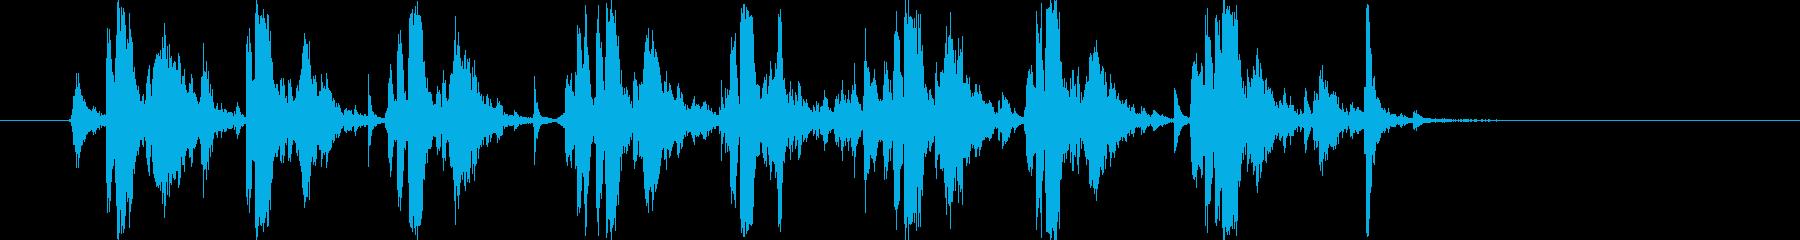 タイプライターの音(強化版)8連打の再生済みの波形